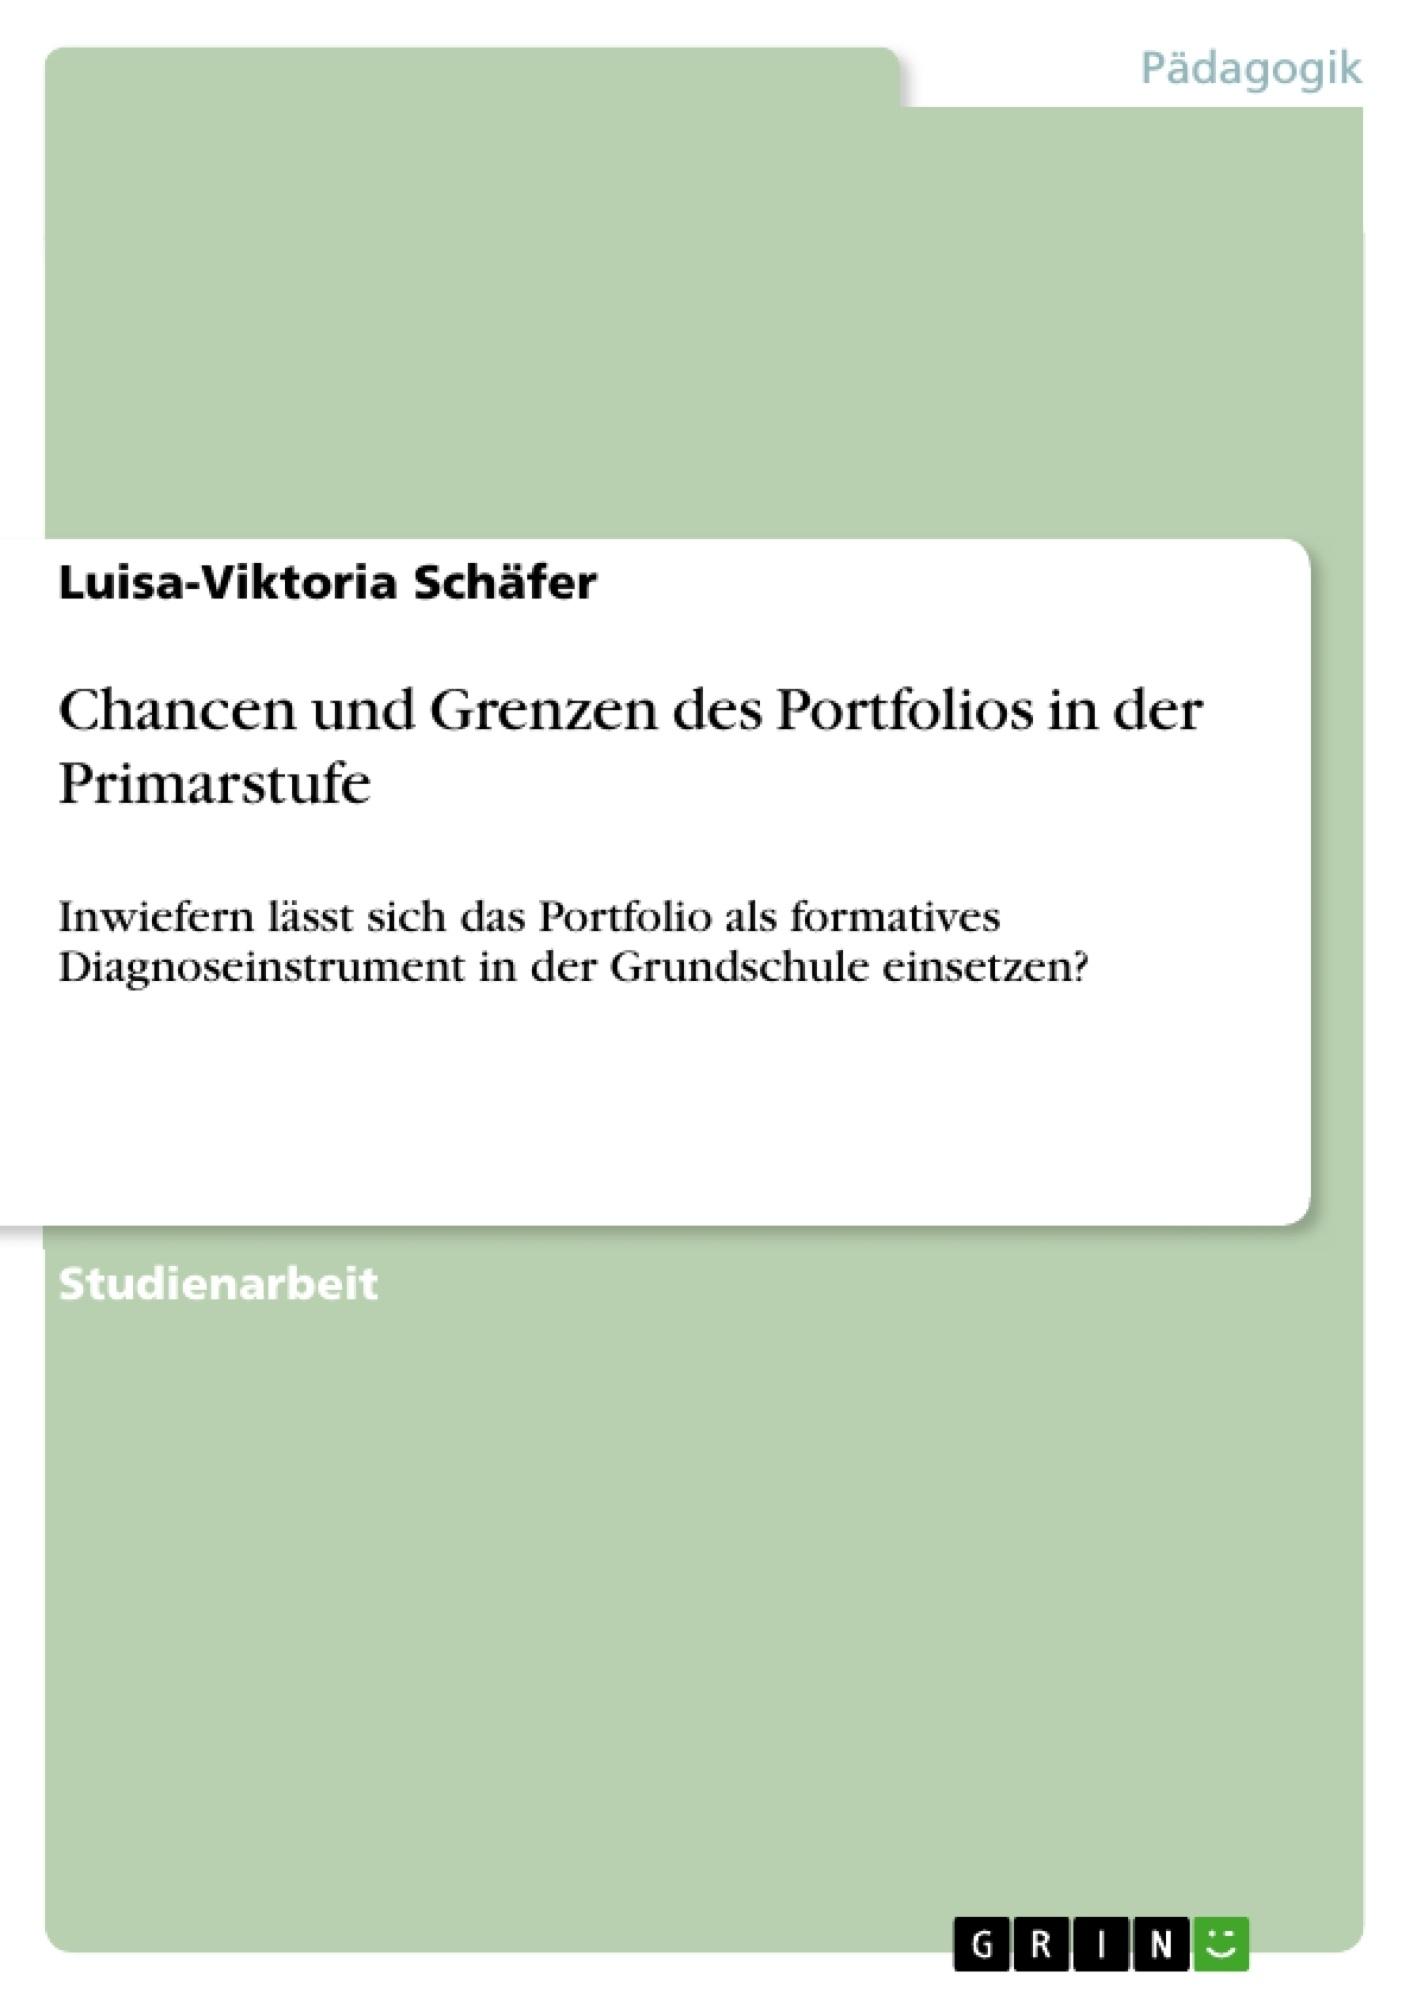 Titel: Chancen und Grenzen des Portfolios in der Primarstufe